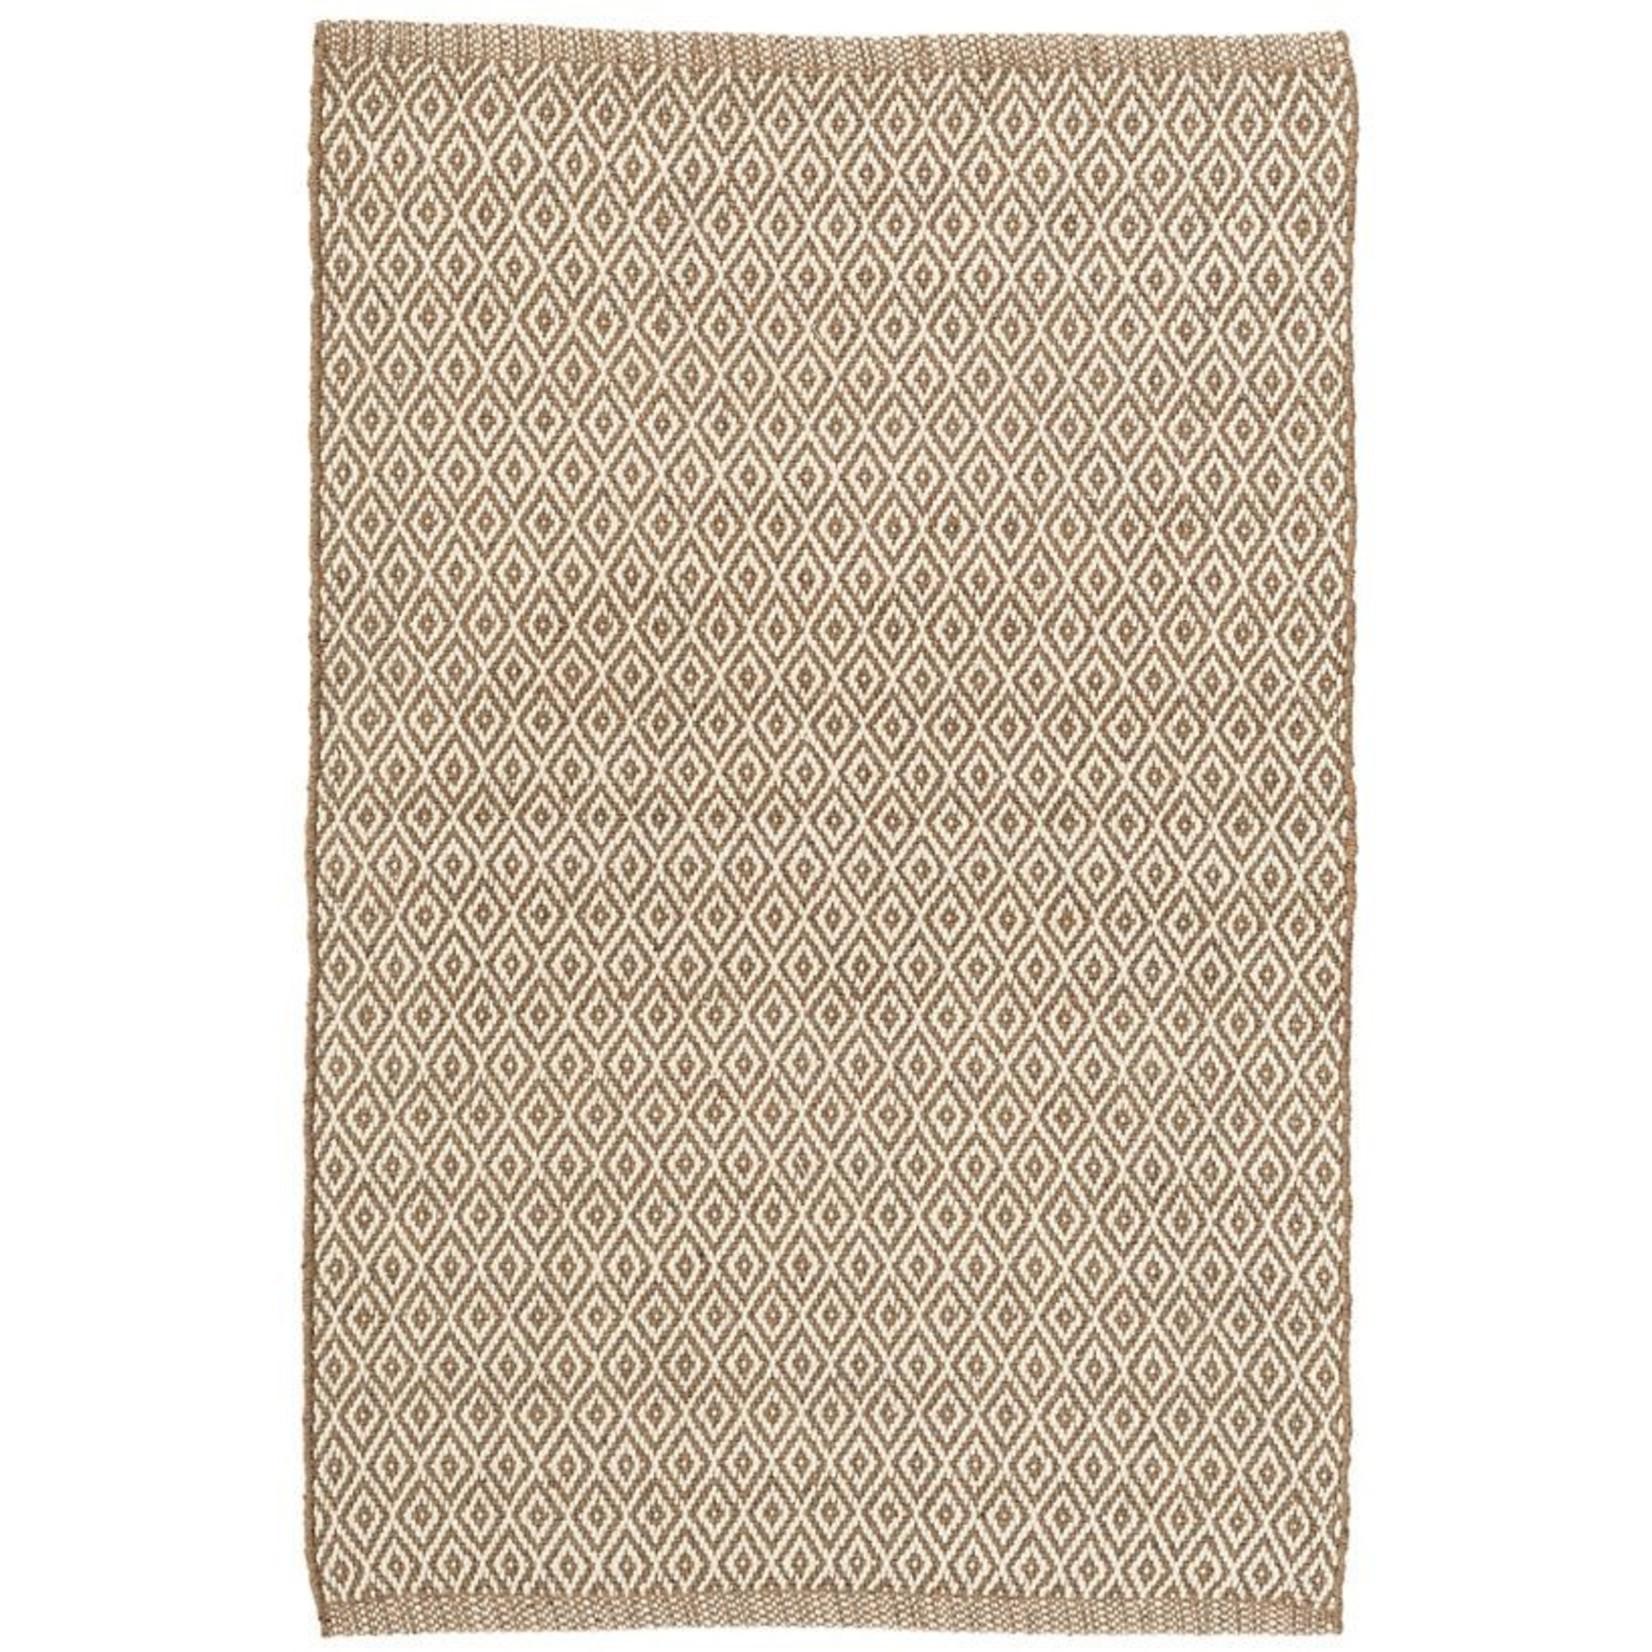 Crystal Brown/Ivory Indoor/Outdoor Rug, 2x3